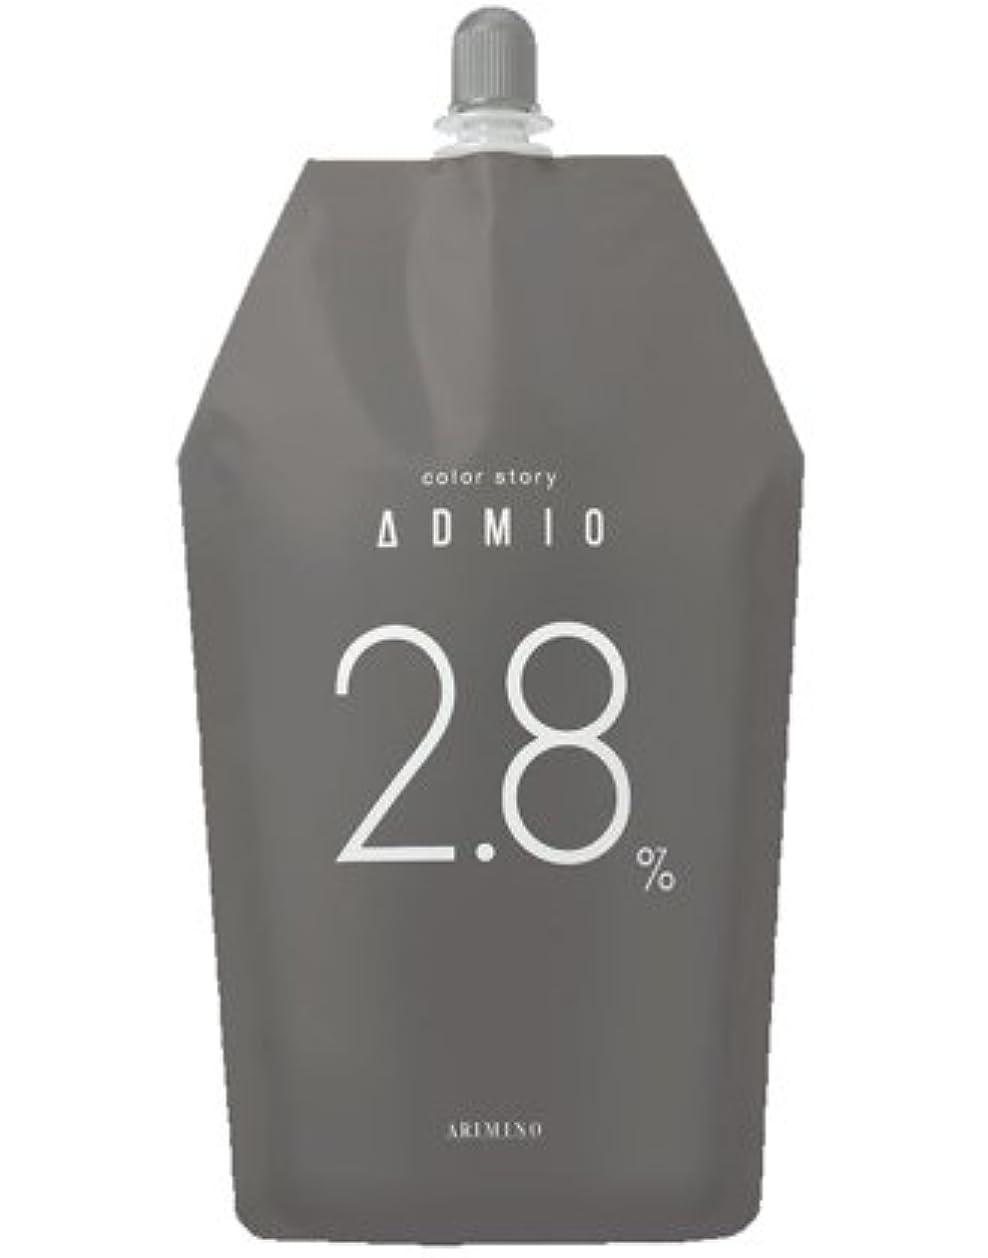 くぼみ計画的スキル【アリミノ】カラーストーリー アドミオ OX 2.8% 1000ml